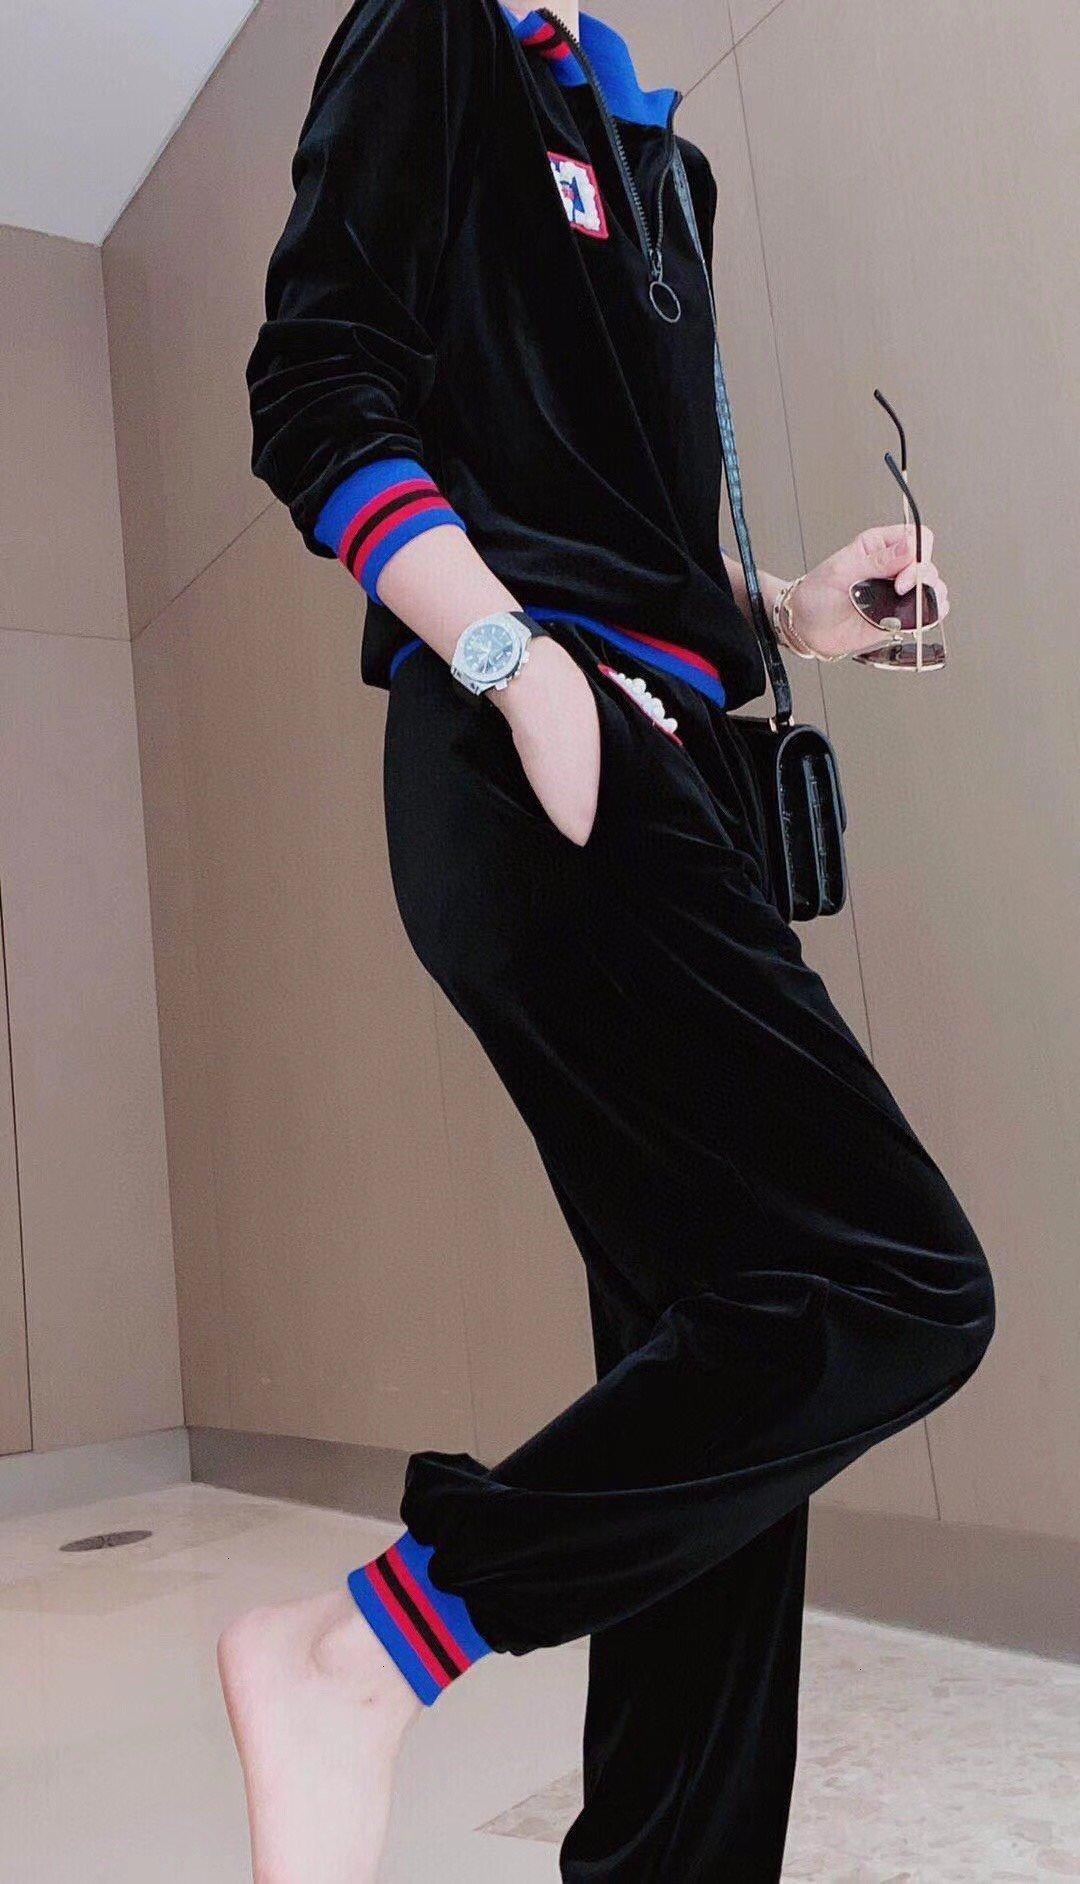 las mujeres del diseñador de trajes mujeres pieza trajes de dos favoritos diseñador mejor precipitó la mejor venta 2020 Nuevo elegante style9POTMLN9 moderna